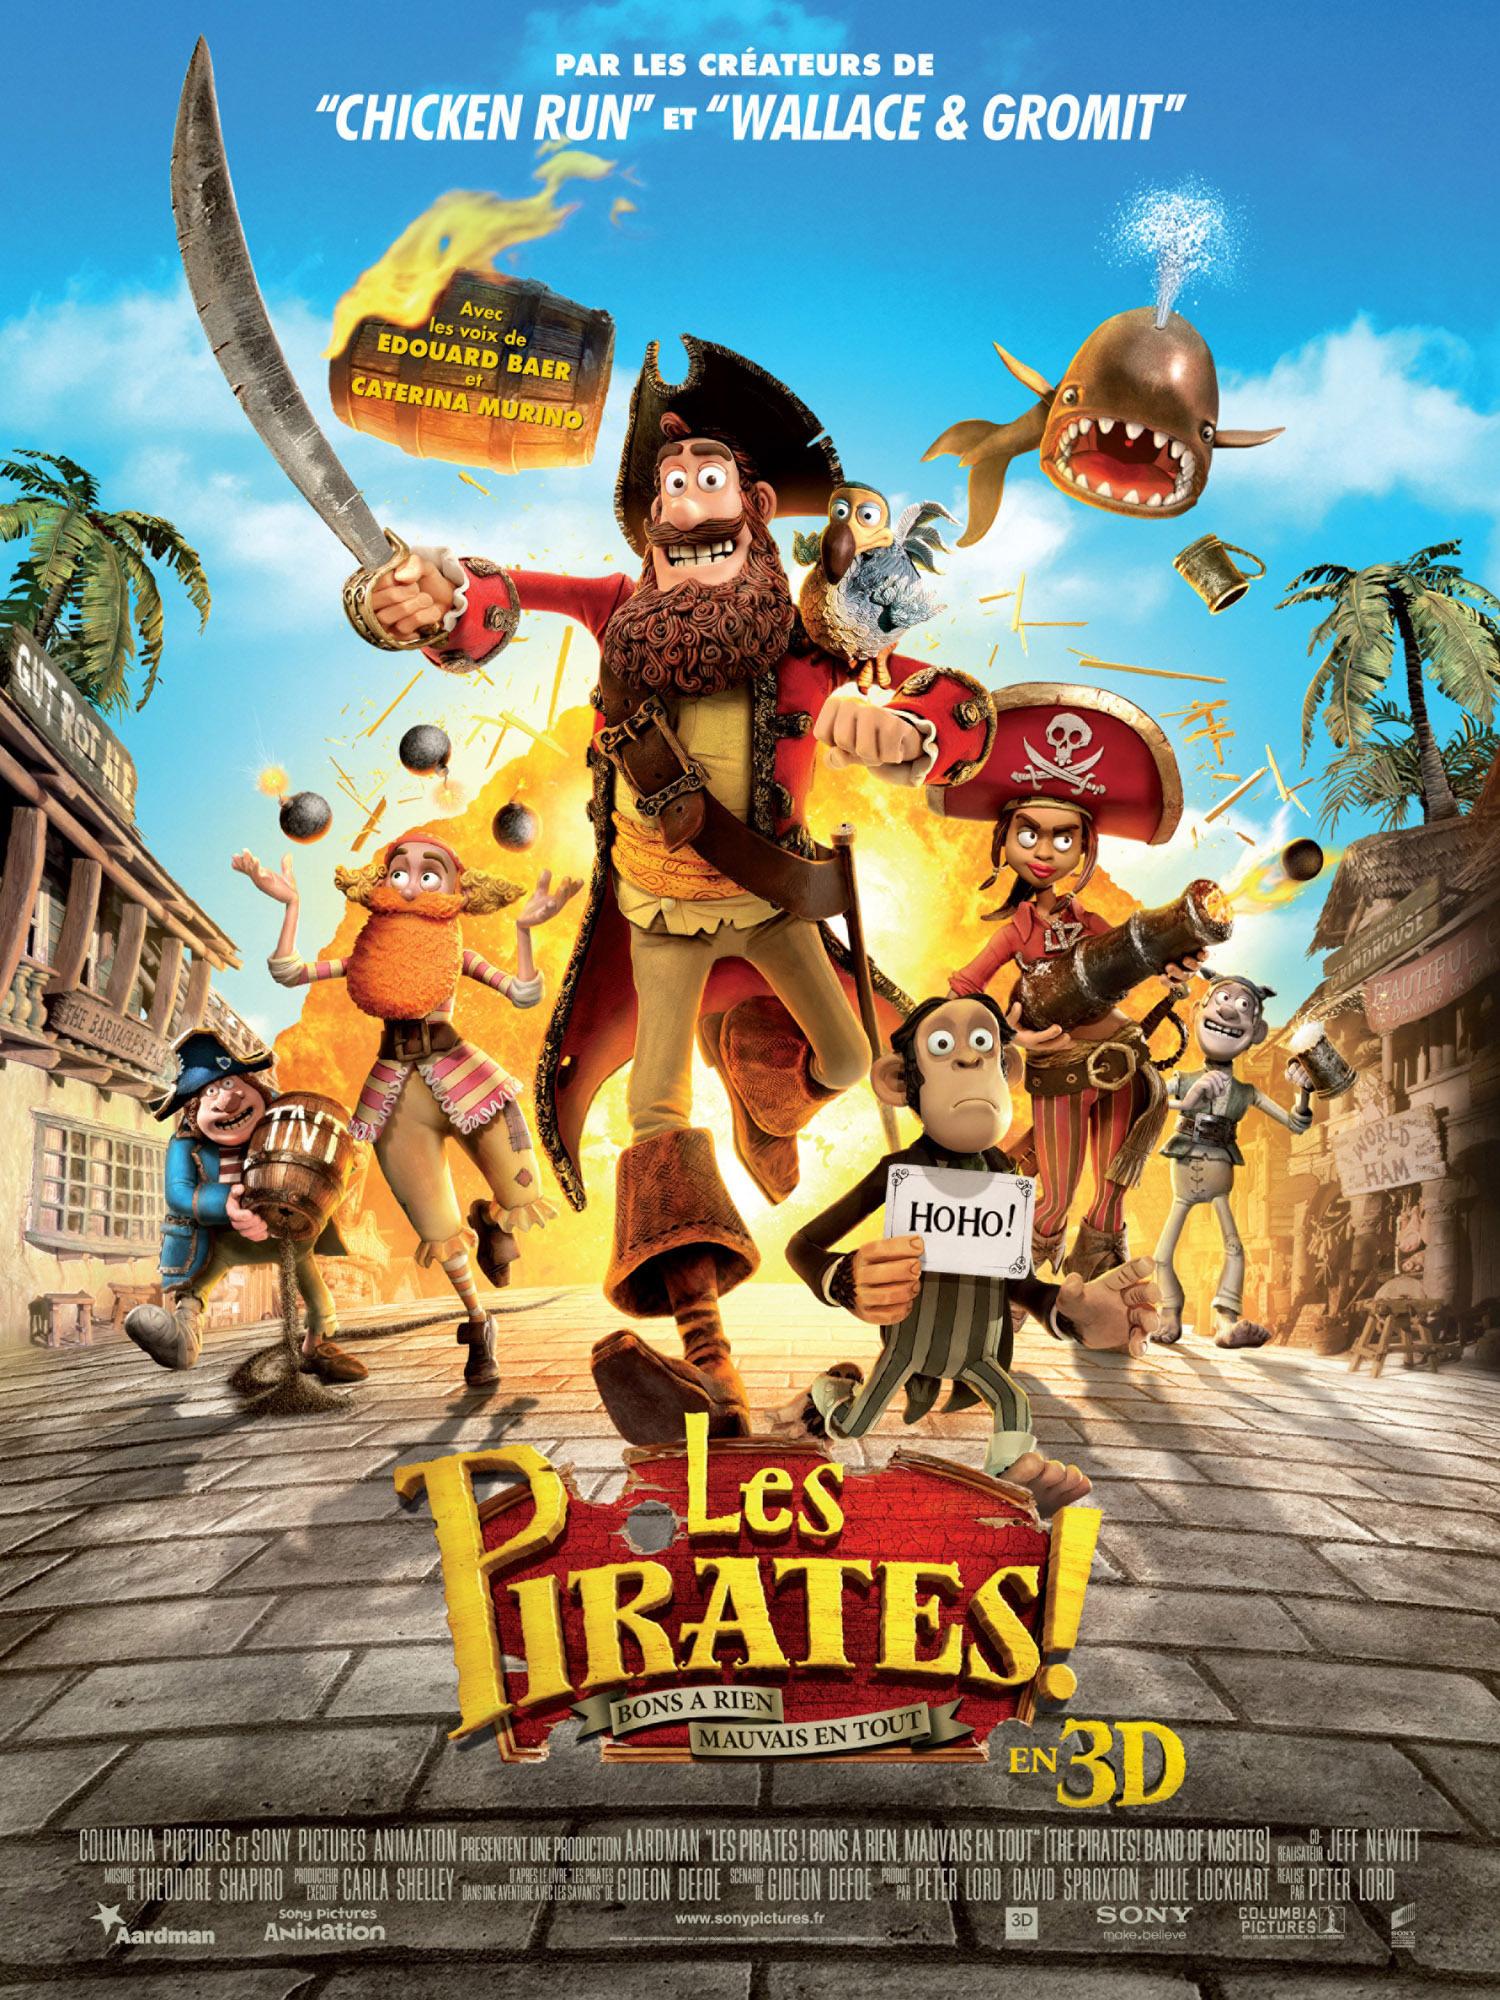 affiche du film Les Pirates! Bons à rien, mauvais en tout